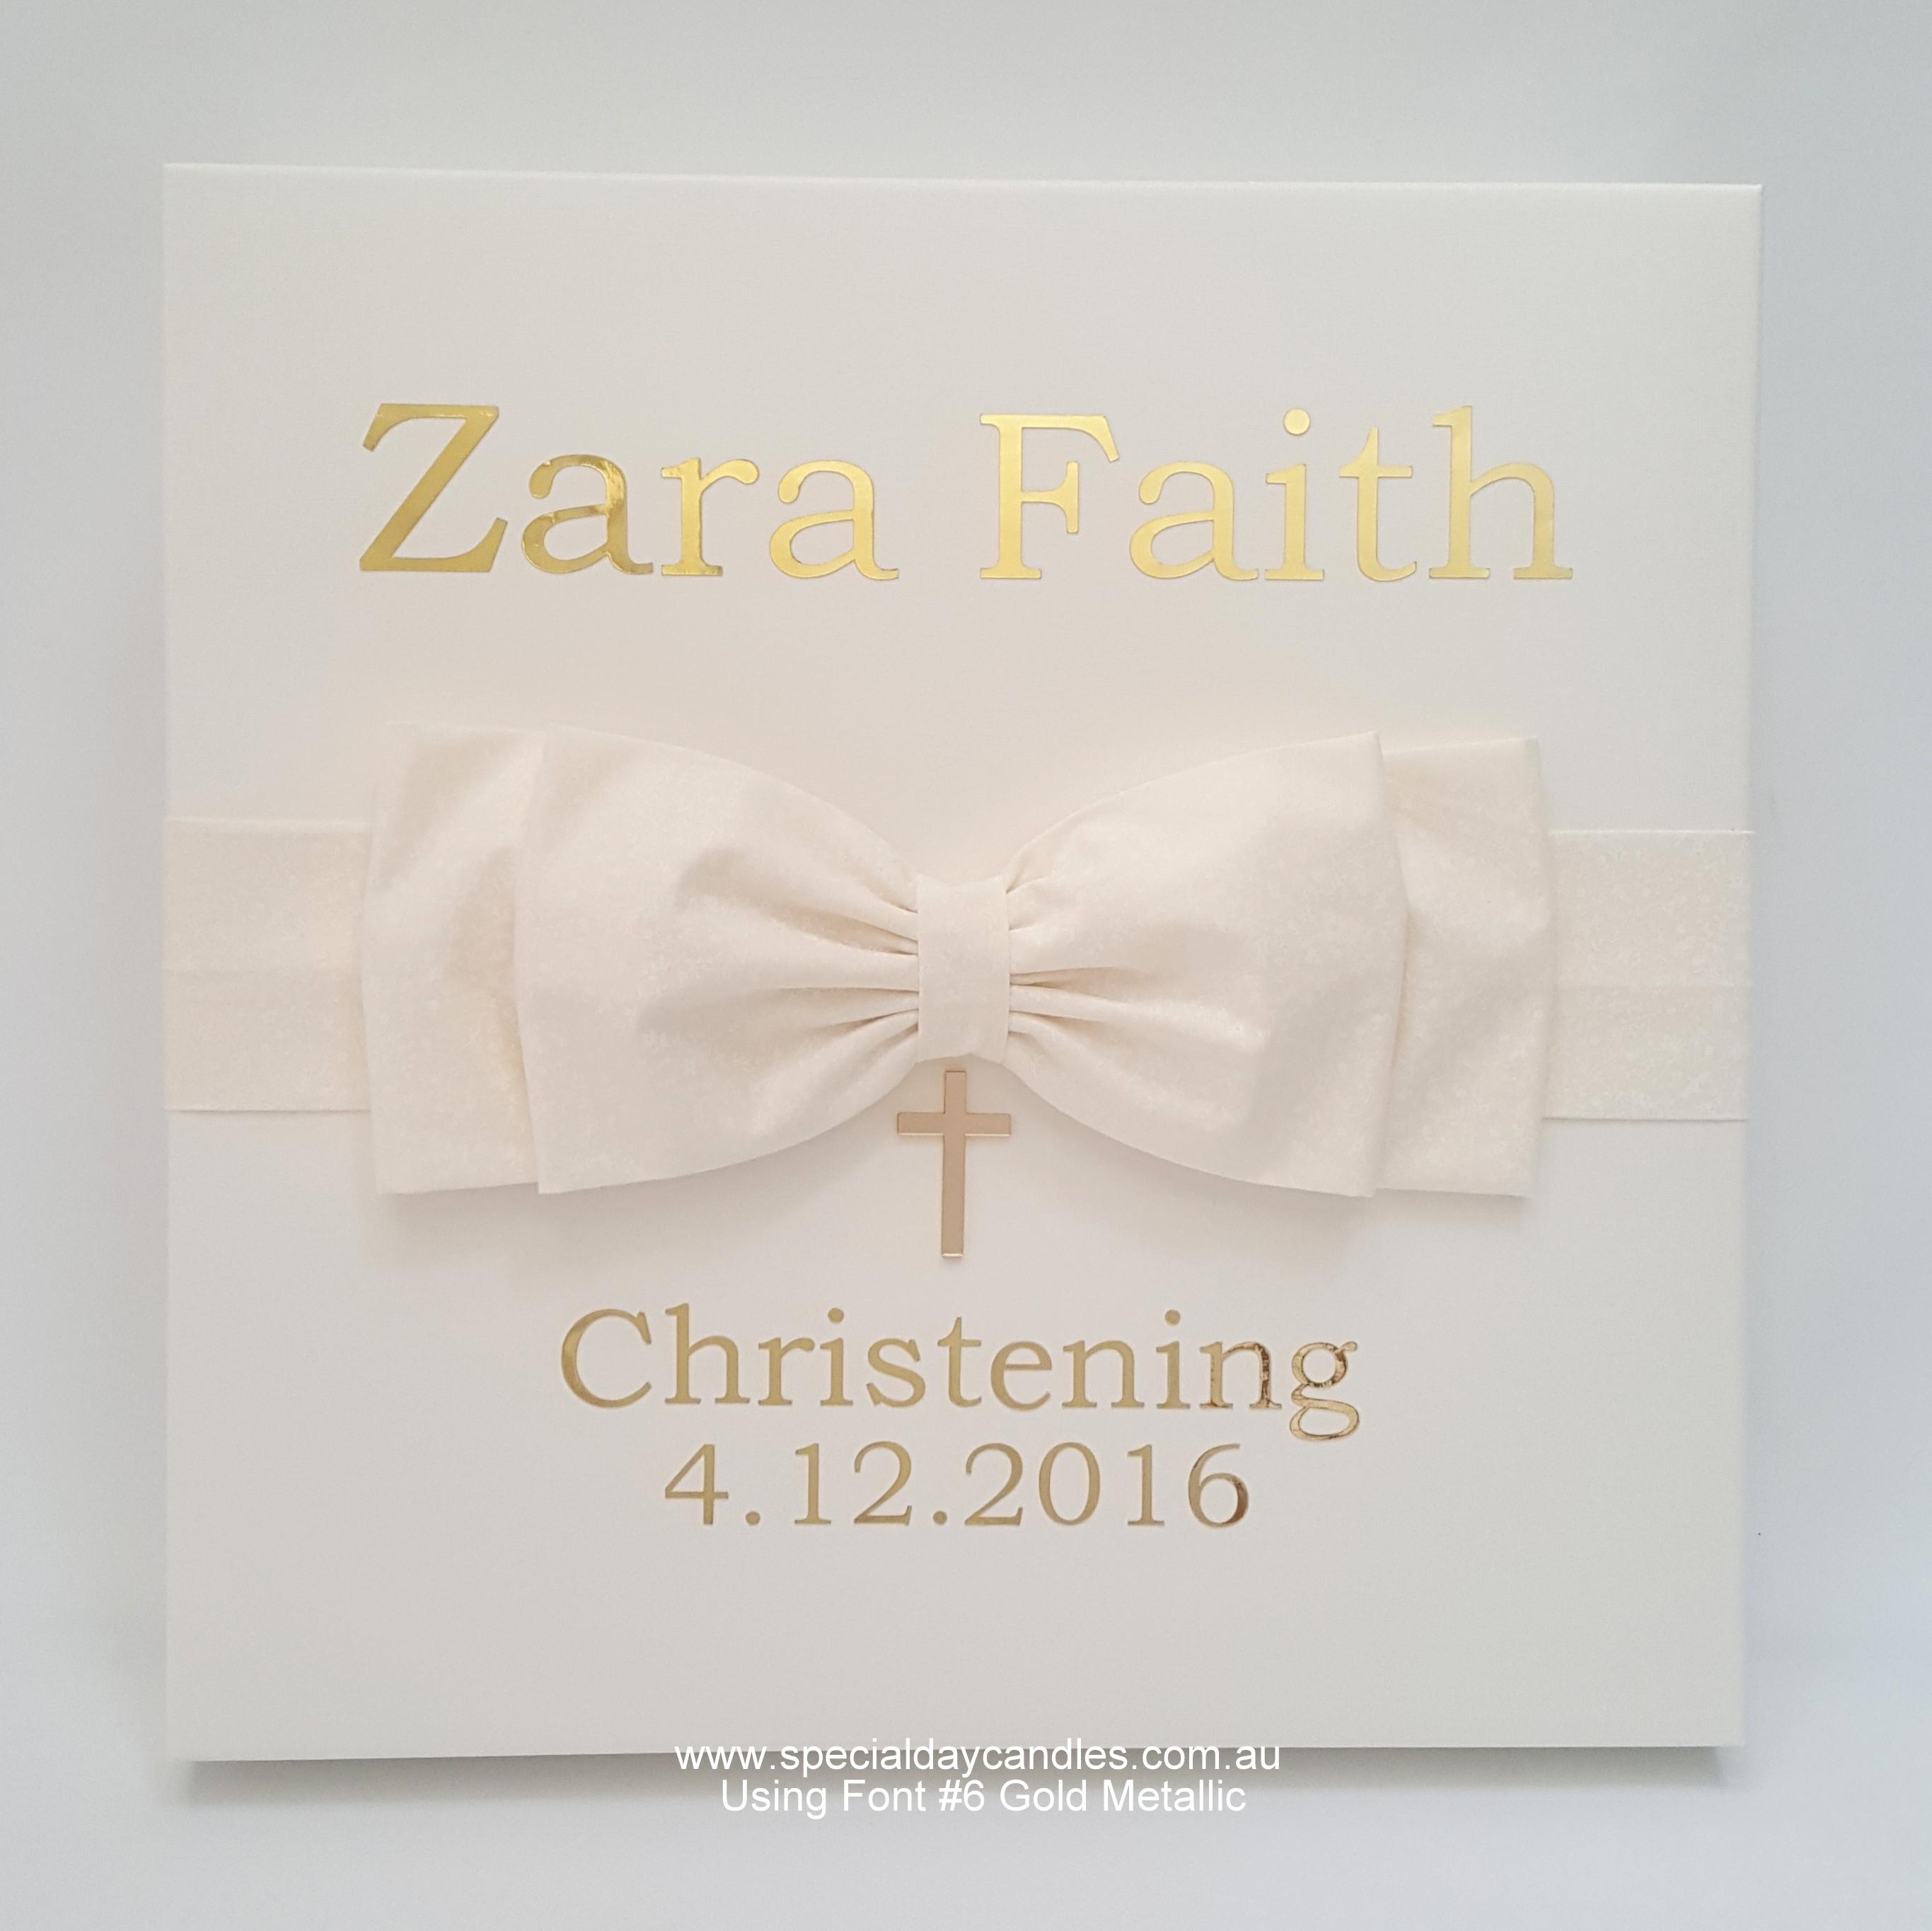 baptism-christening-wedding-keepsake-box-n6af6